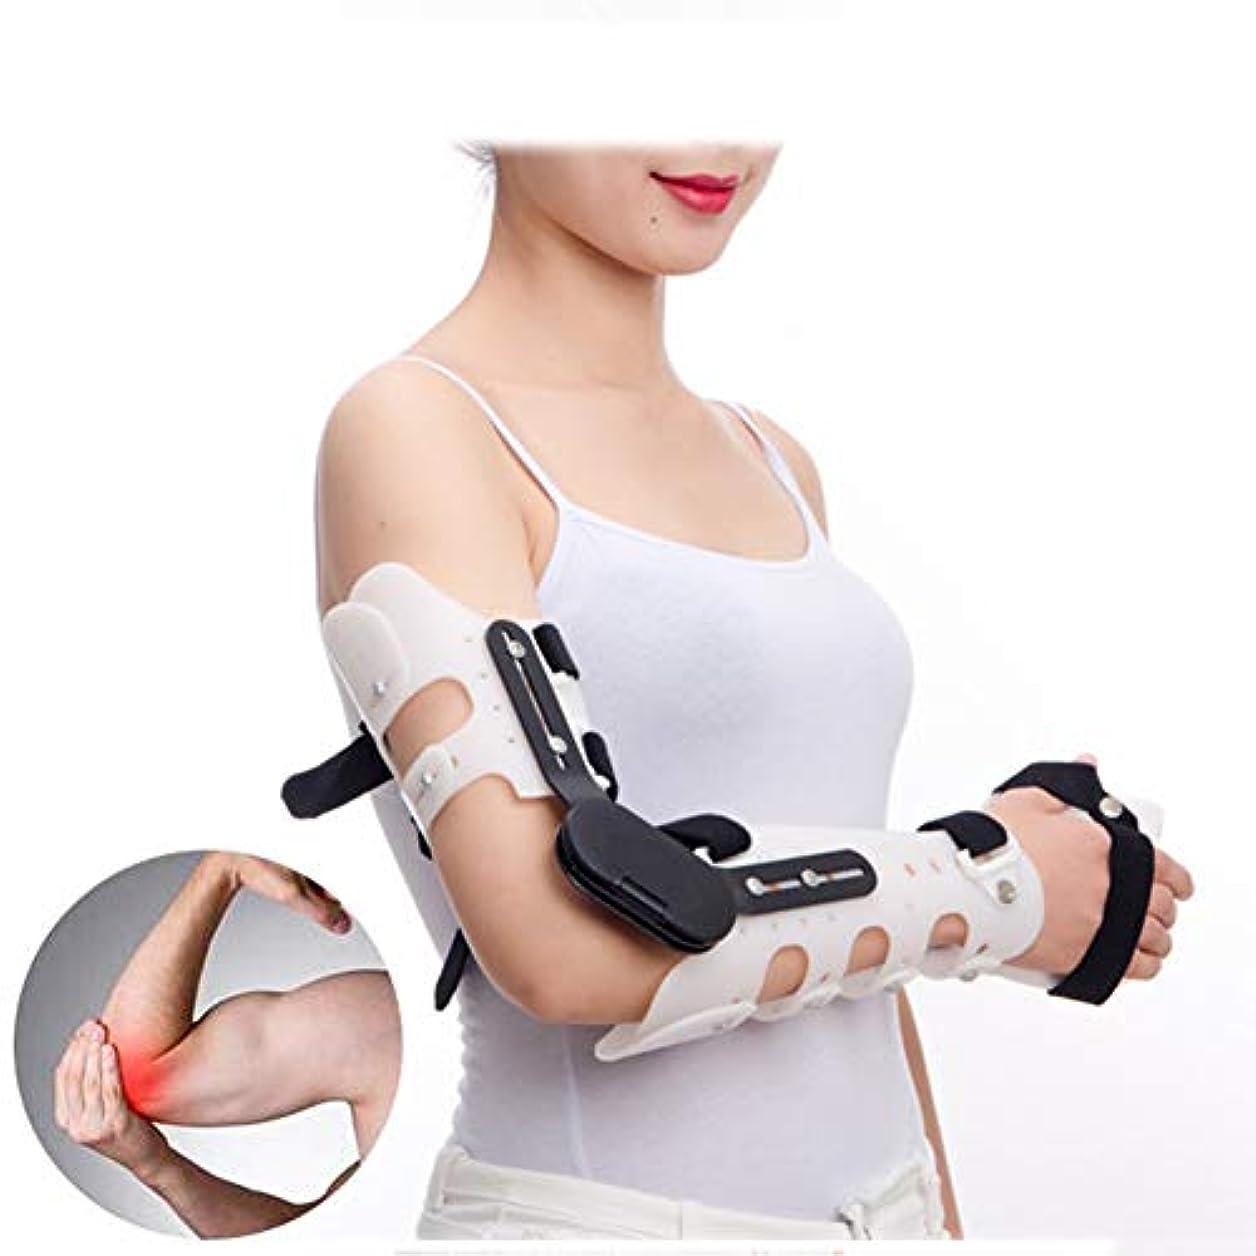 副産物森林リーダーシップ骨折した腕の肘のための腕サポート腕の吊り鎖、鎮痛剤および固定のための装具ROMのためのサポート肘 - 1サイズ - 男女兼用